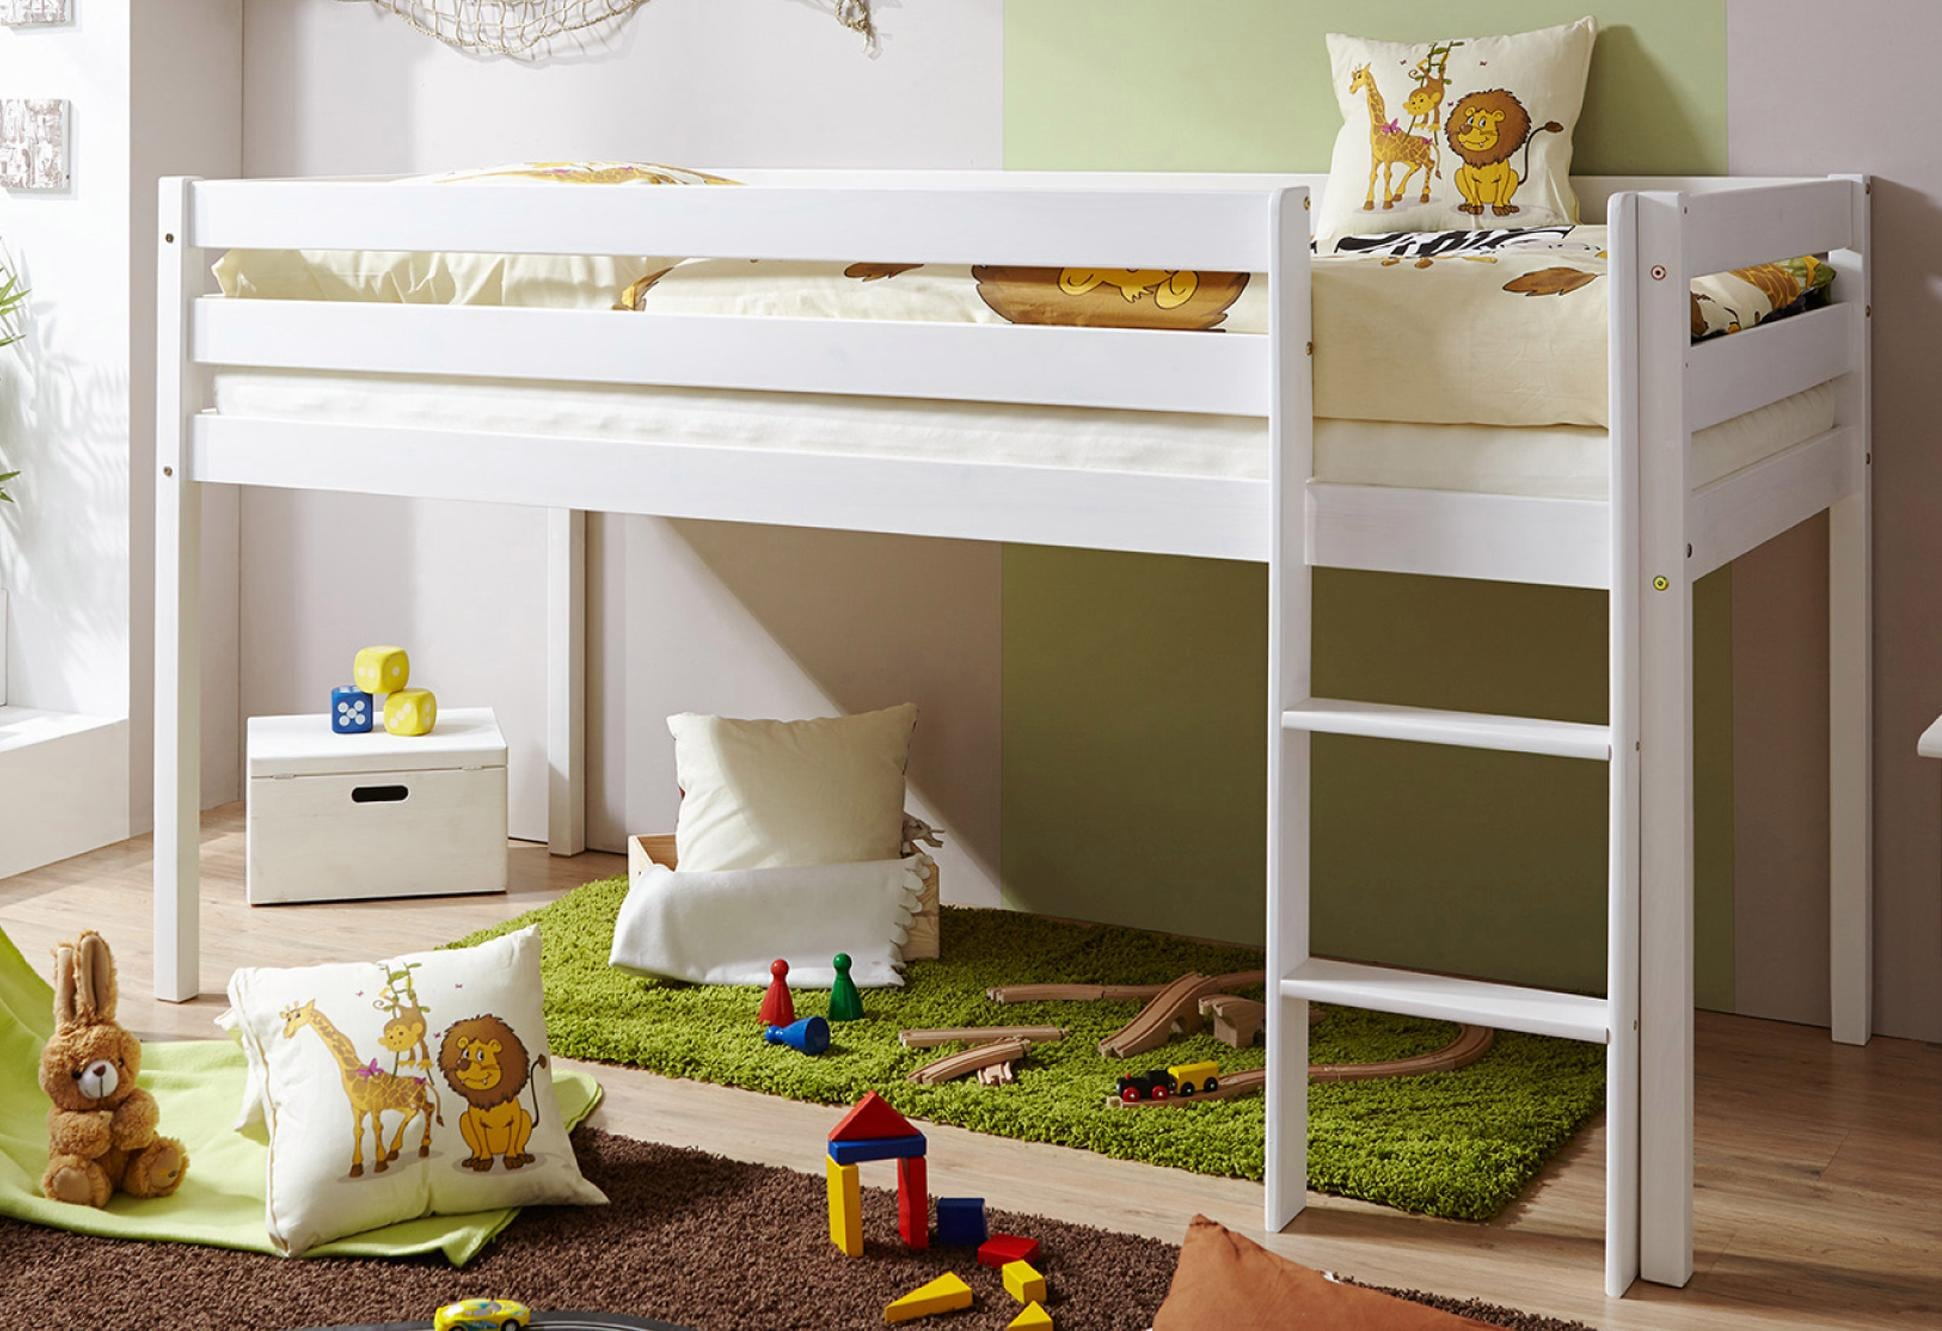 Etagenbett Mit Integriertem Schrank : Kinder hochbetten mit eingebauten schränke günstig kaufen ebay